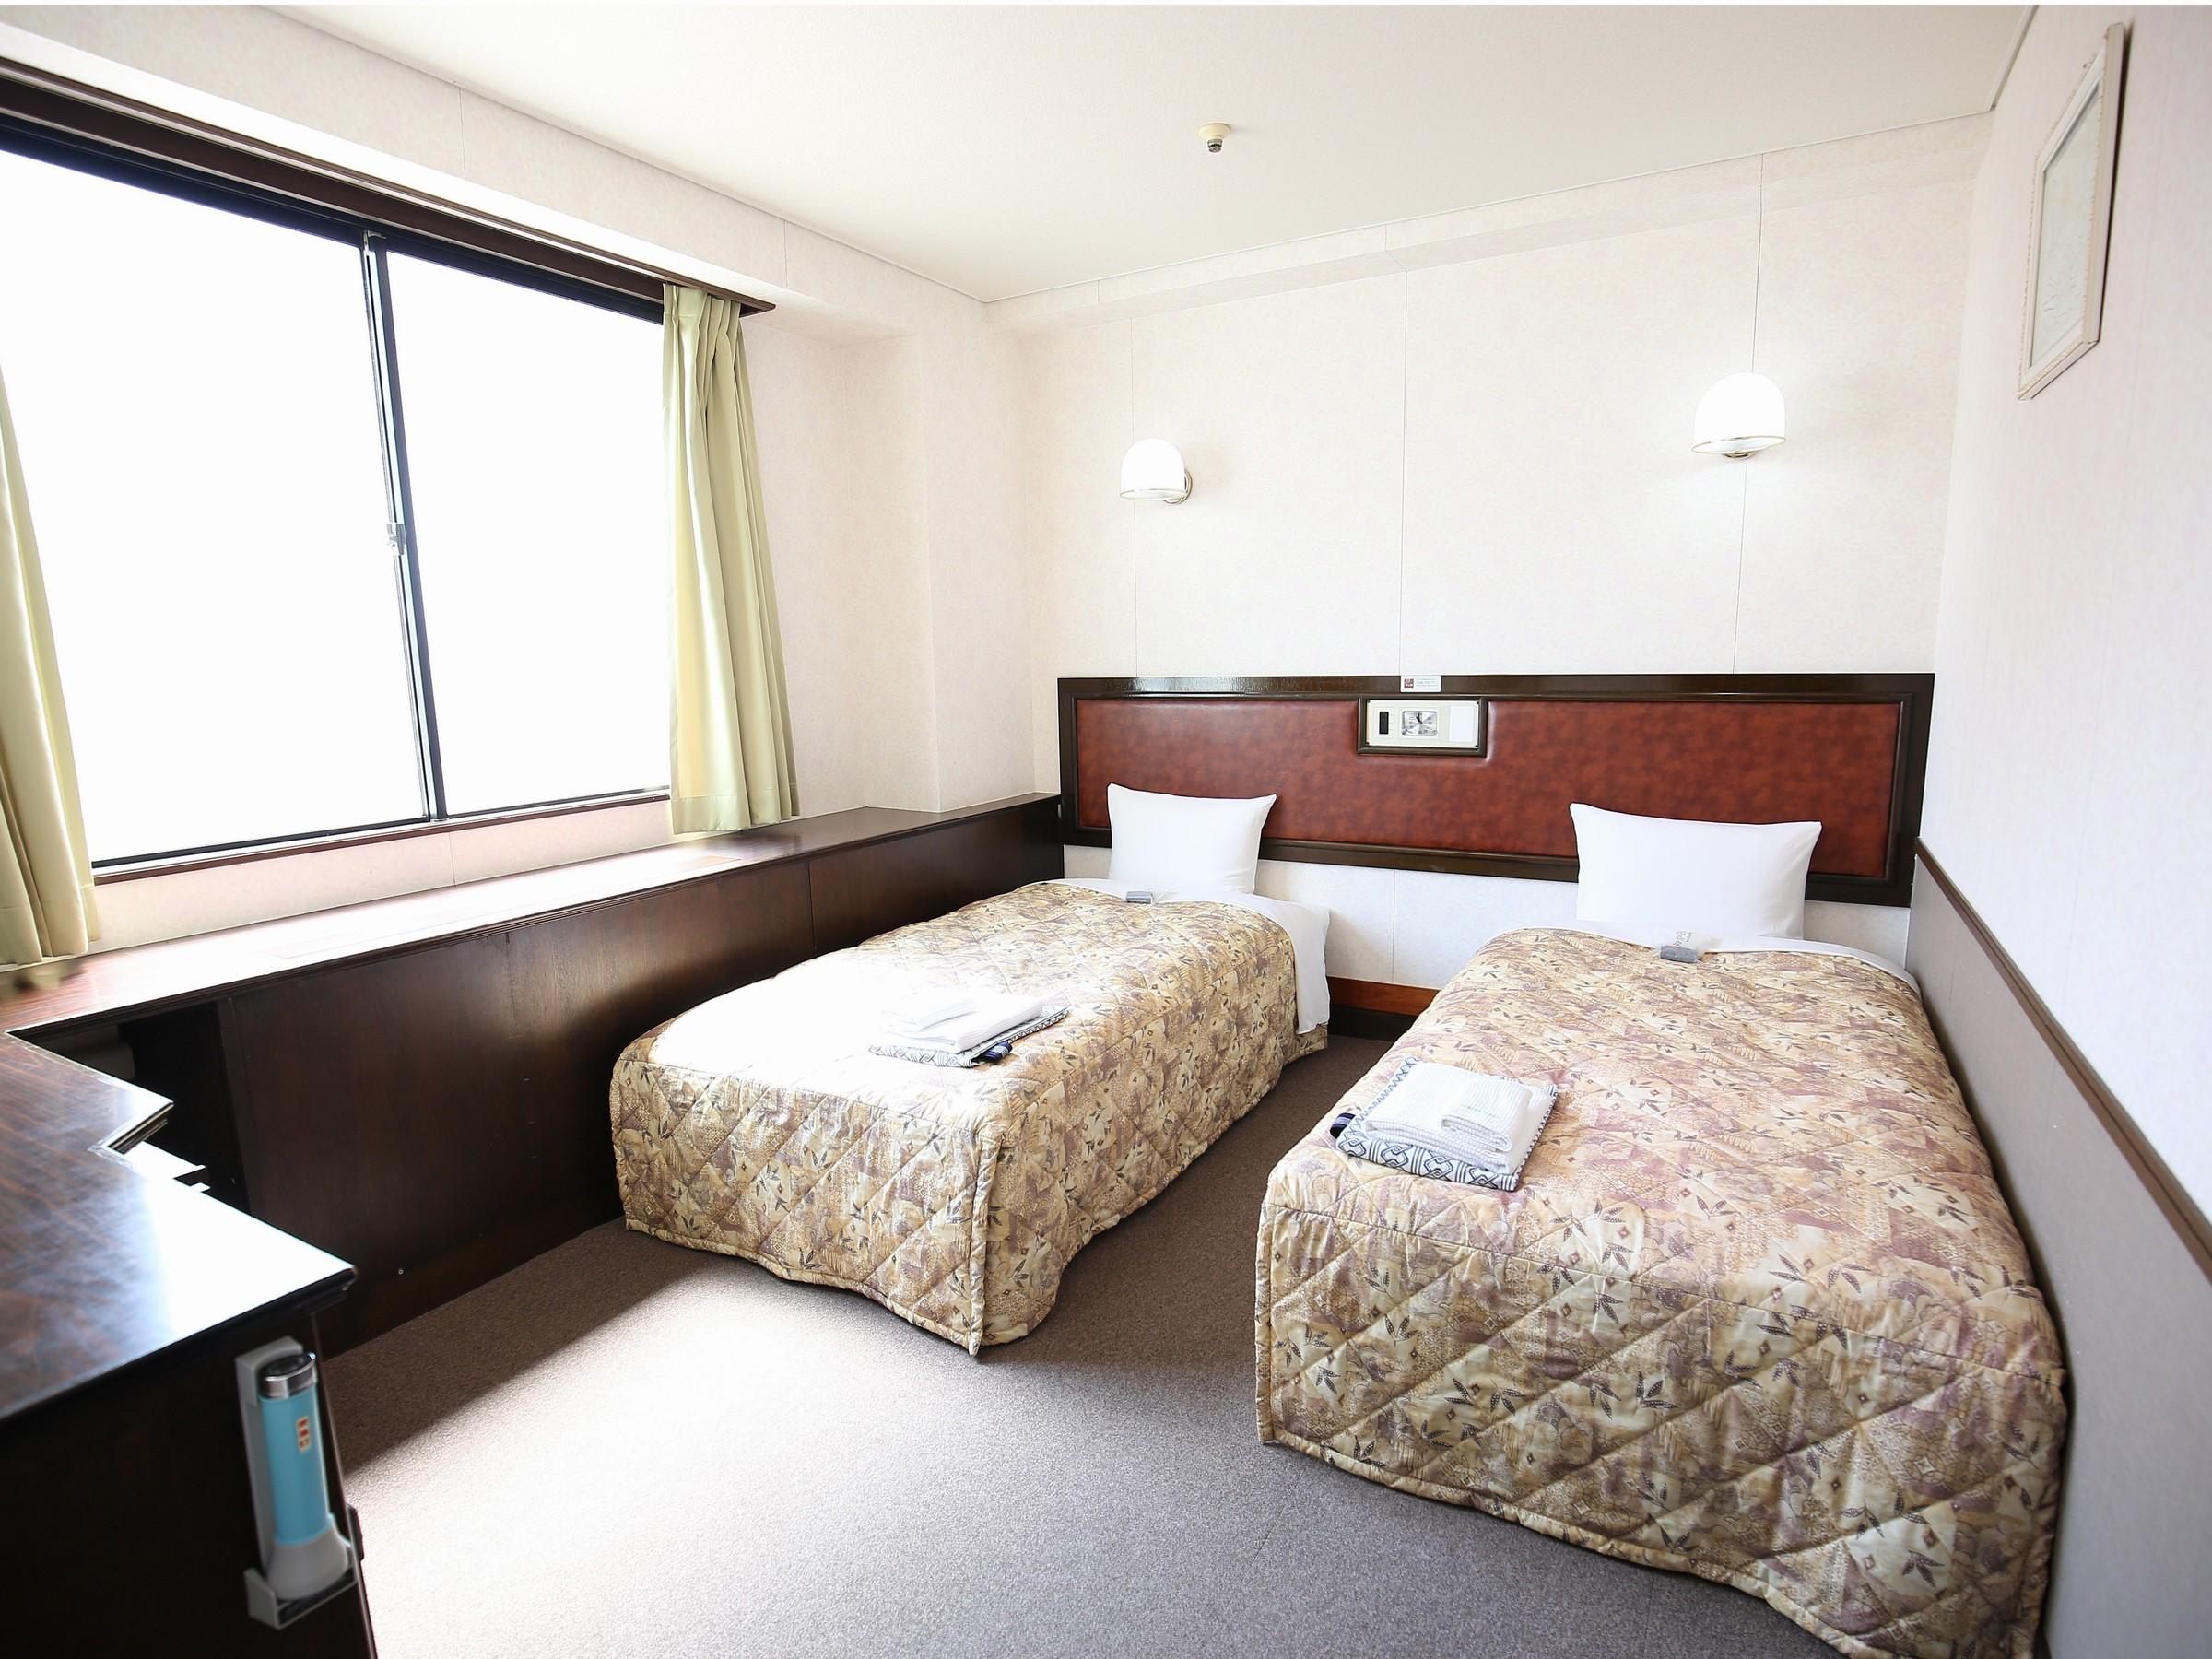 ホテル姫路プラザ / [喫煙室]ツインルーム(2名部屋)■広さ16平米